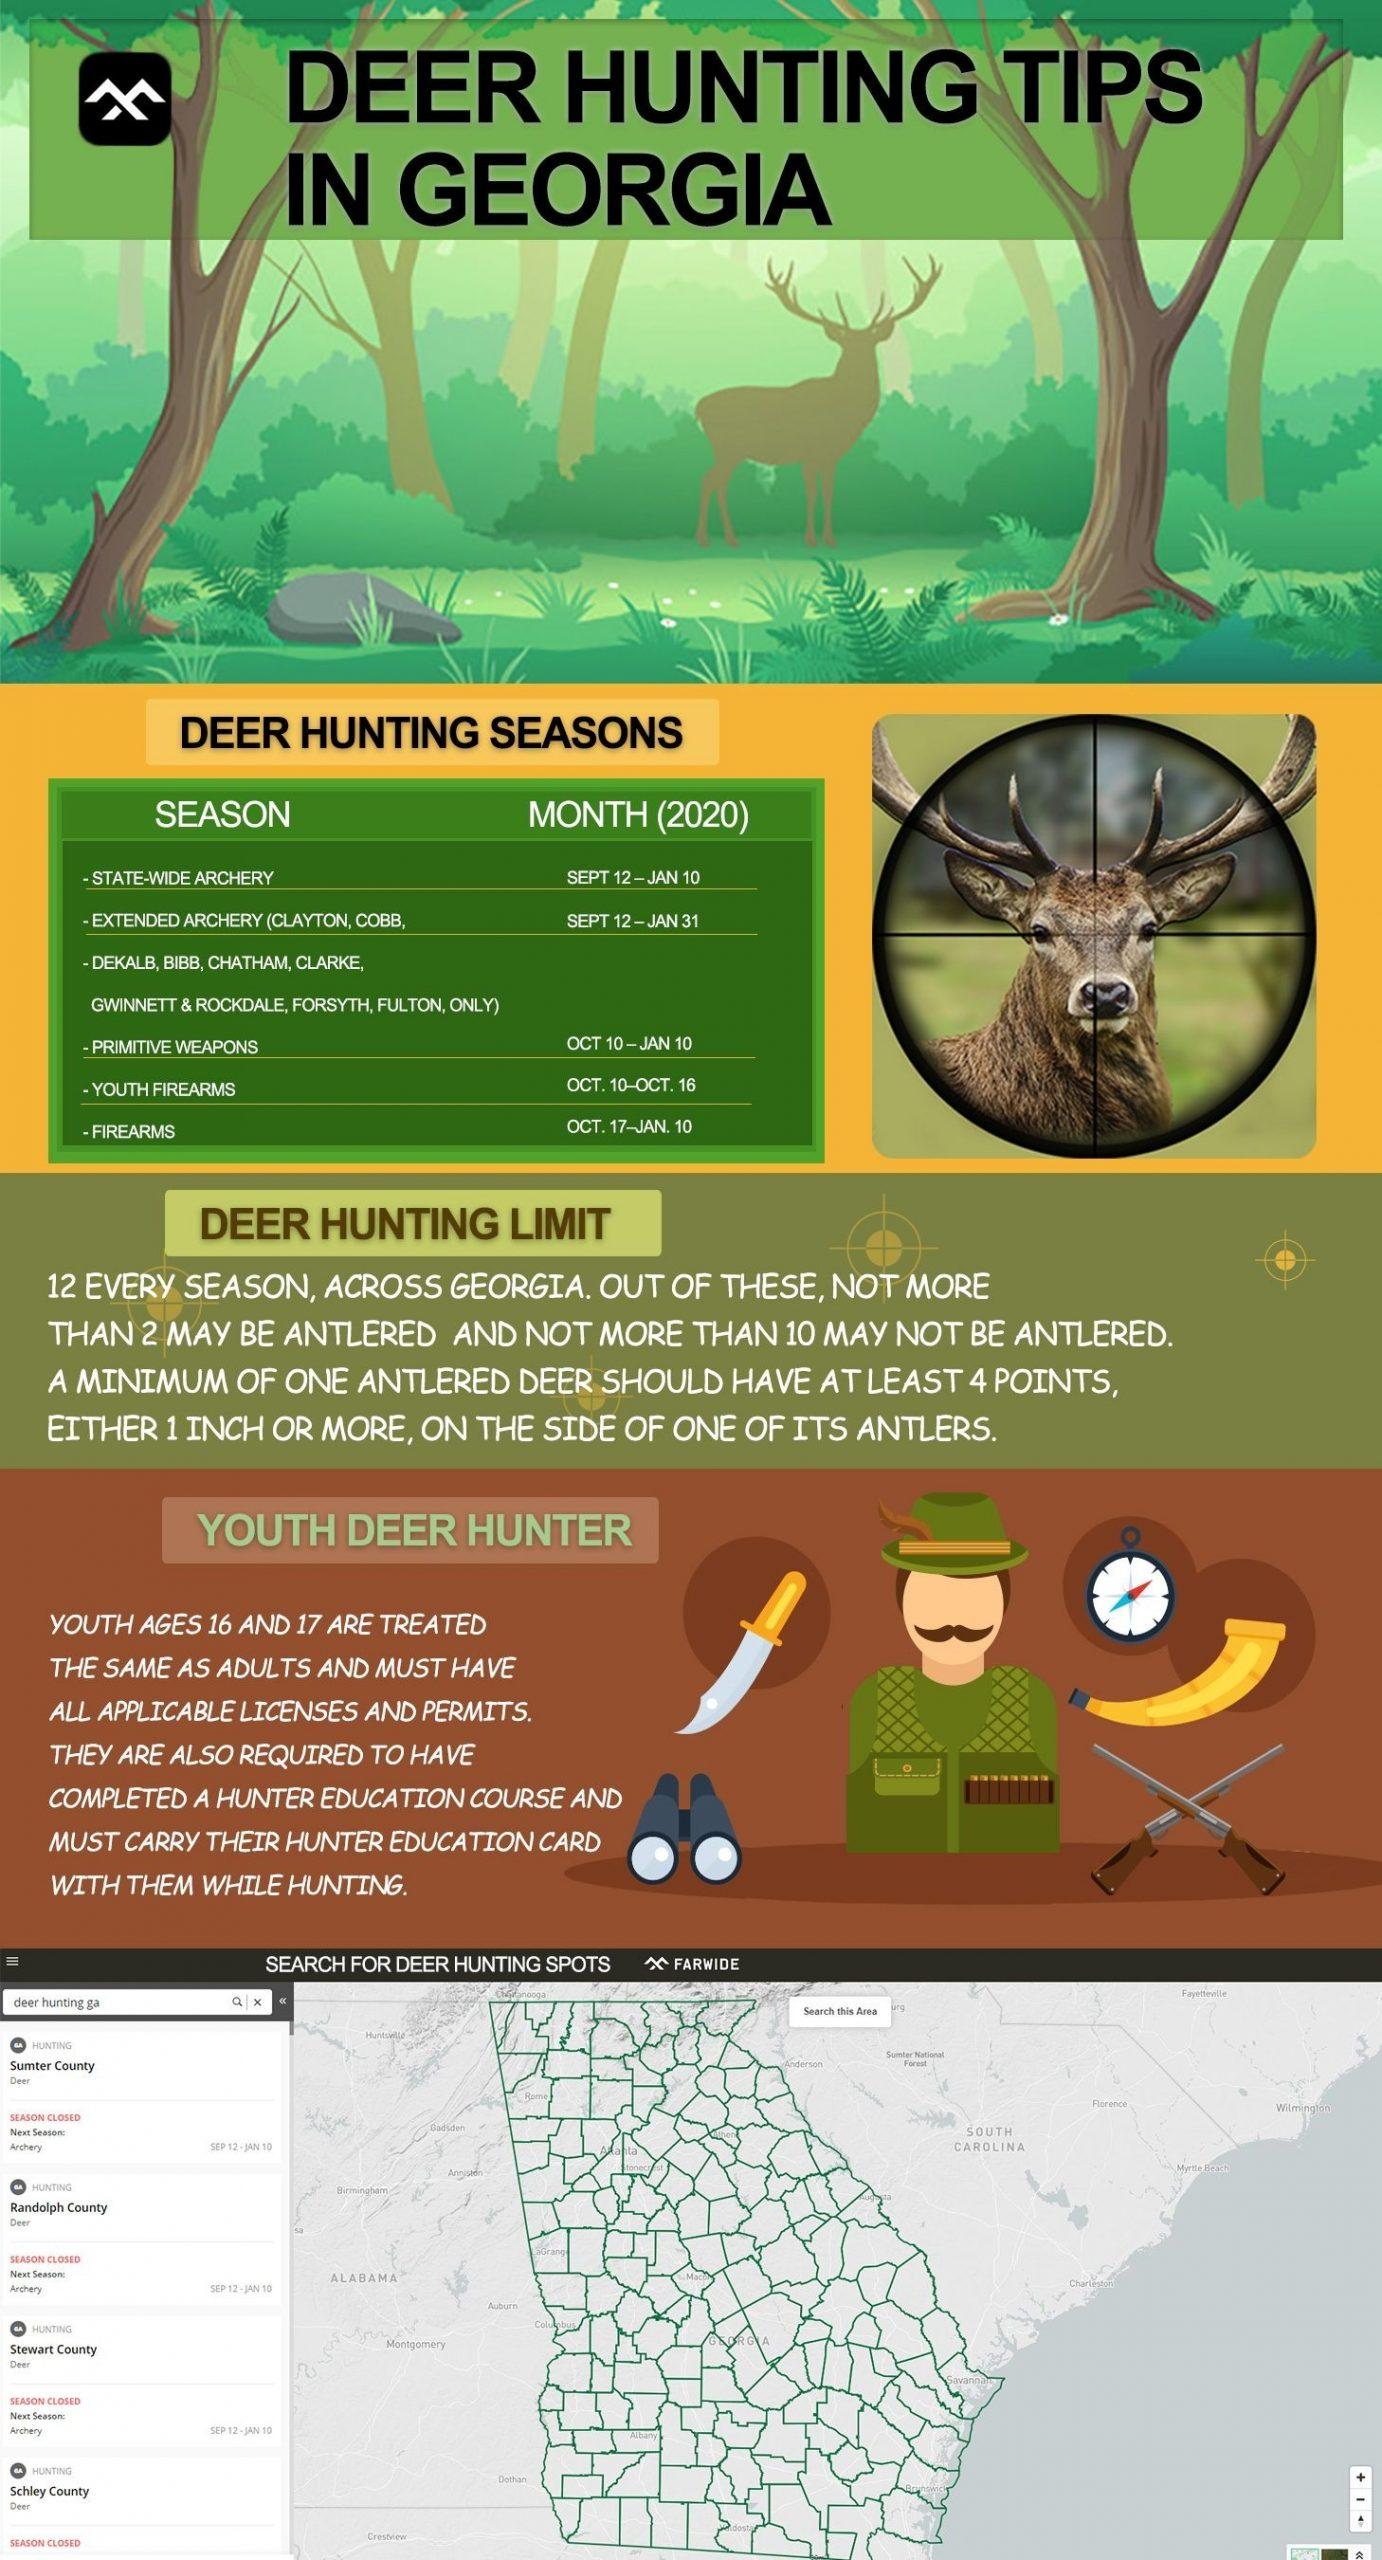 Deer Hunting Tips In Georgia In 2020 | Deer Hunting, Deer  2020 Hunting Season In Georgia